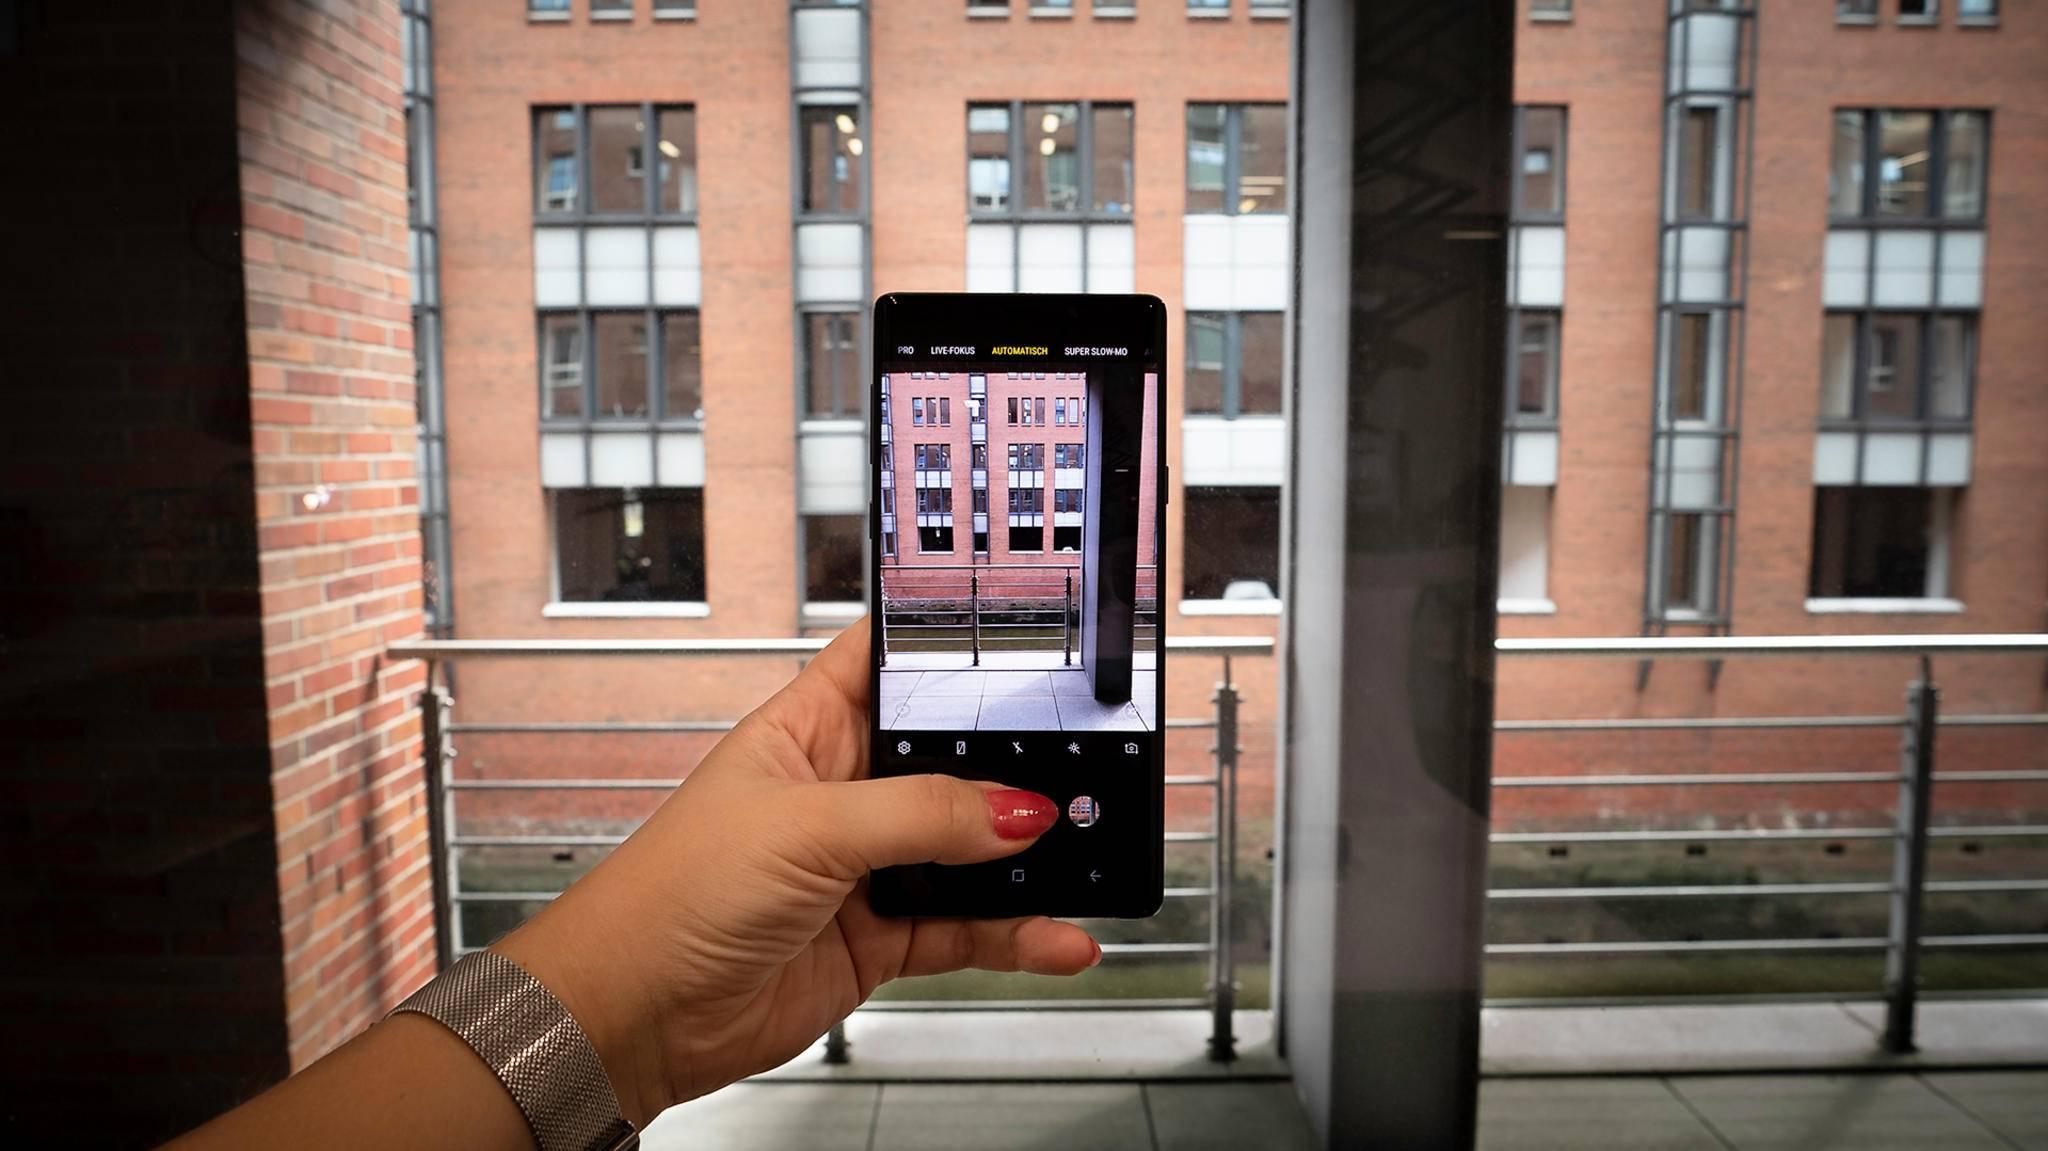 Das Galaxy Note 9 erschien nur in einer Version. Ein weitere Variante des Galaxy Note 10 wäre eine Premiere für die Smartphone-Reihe von Samsung.